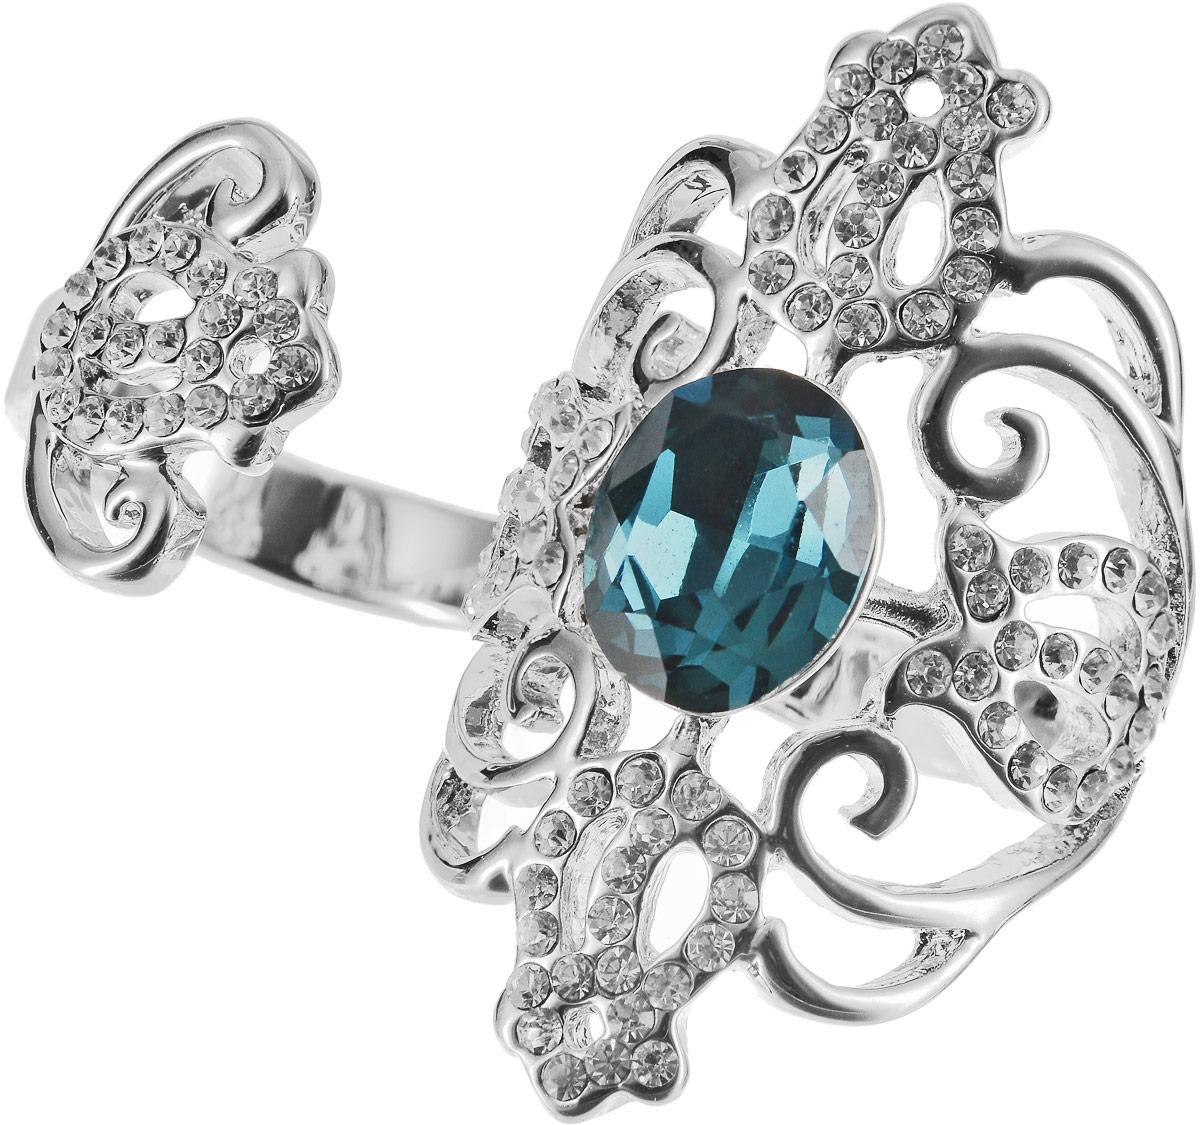 Кольцо на два пальца Art-Silver, цвет: серебряный, бирюзовый. 06816-1319. Размер 17,5 серьги art silver цвет серебряный 27958 577